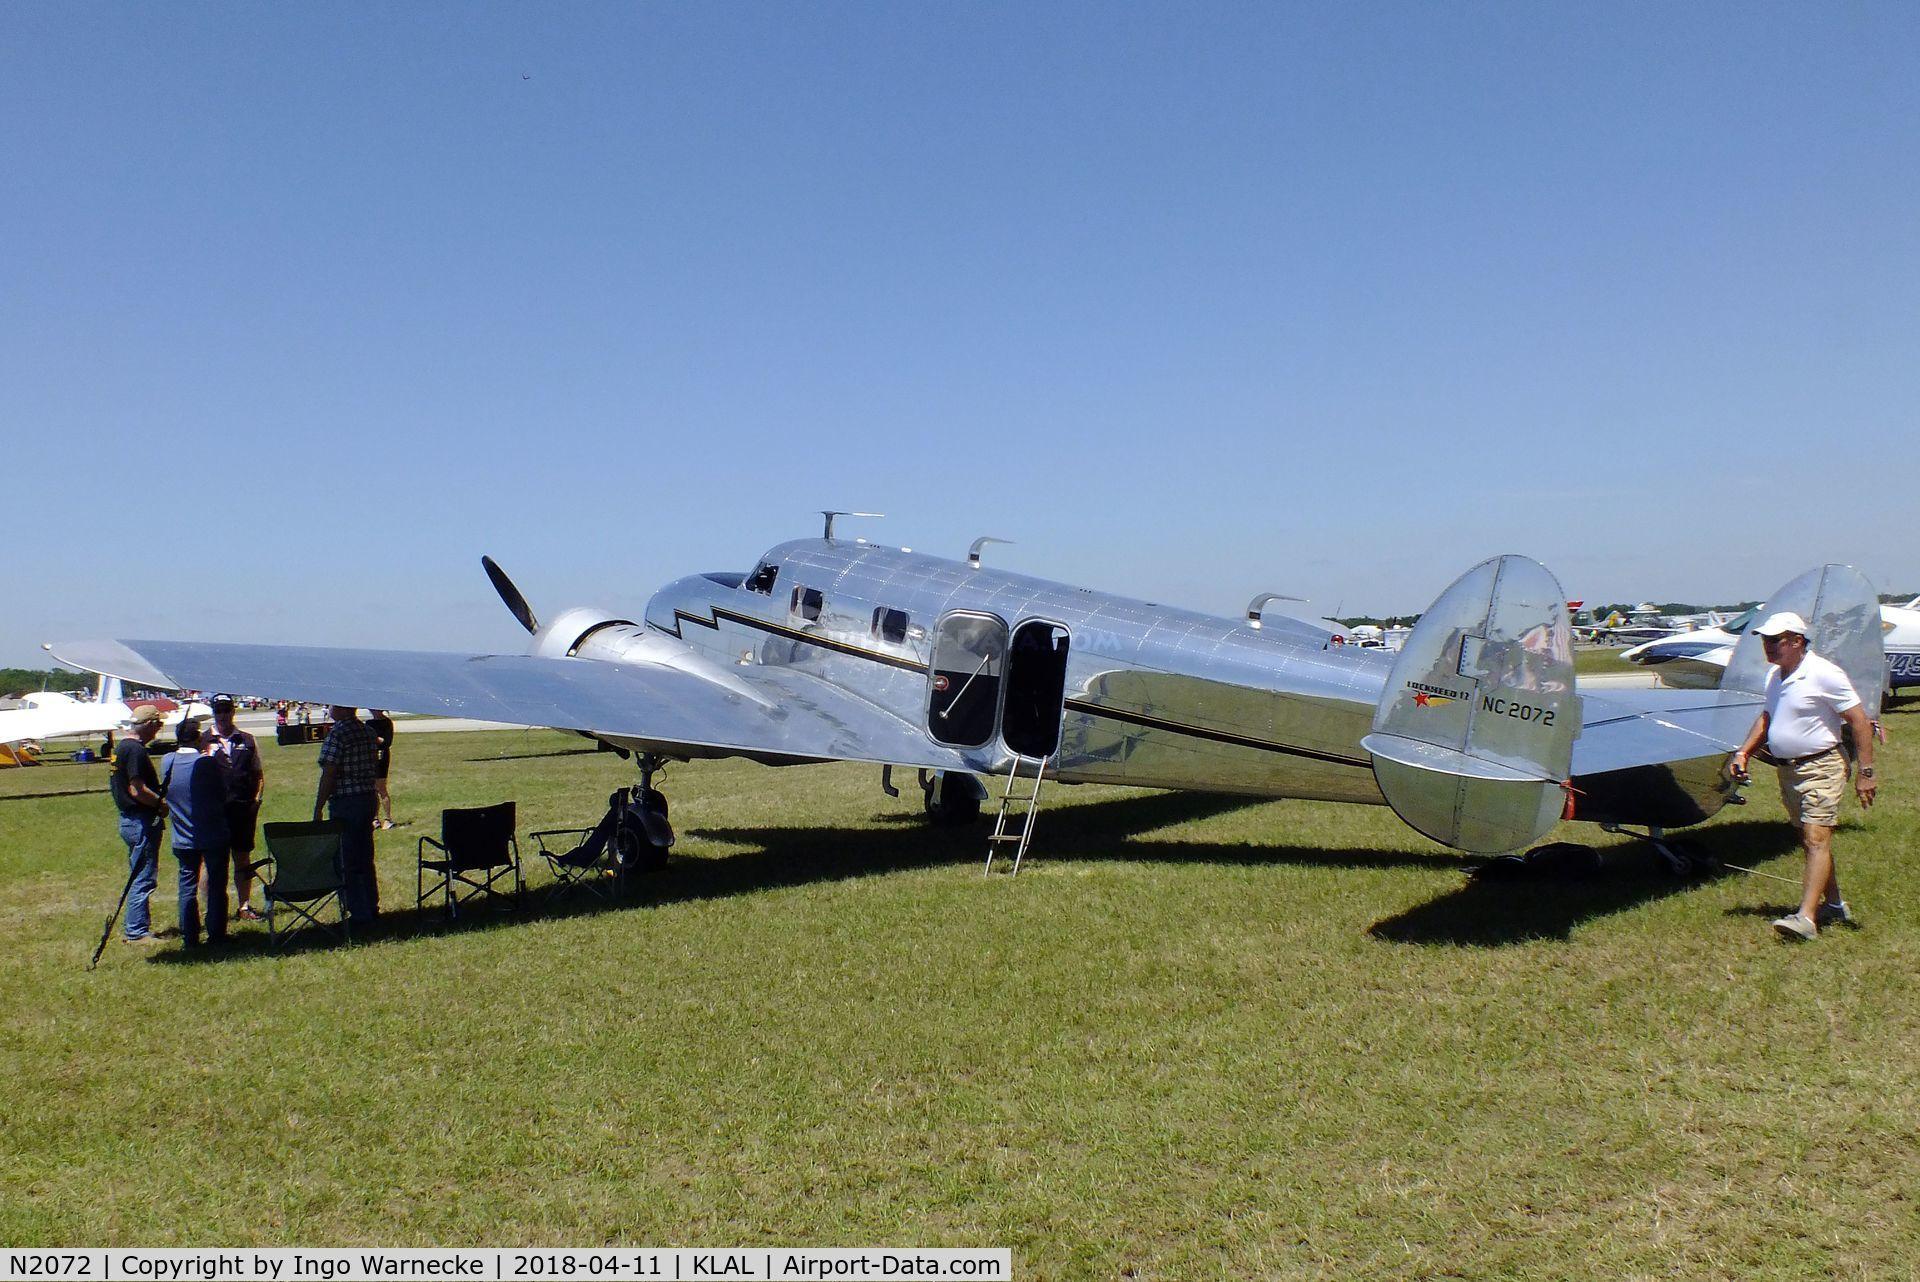 N2072, 1936 Lockheed 12A Electra Junior C/N 1208, Lockheed 12A Electra Junior at 2018 Sun 'n Fun, Lakeland FL